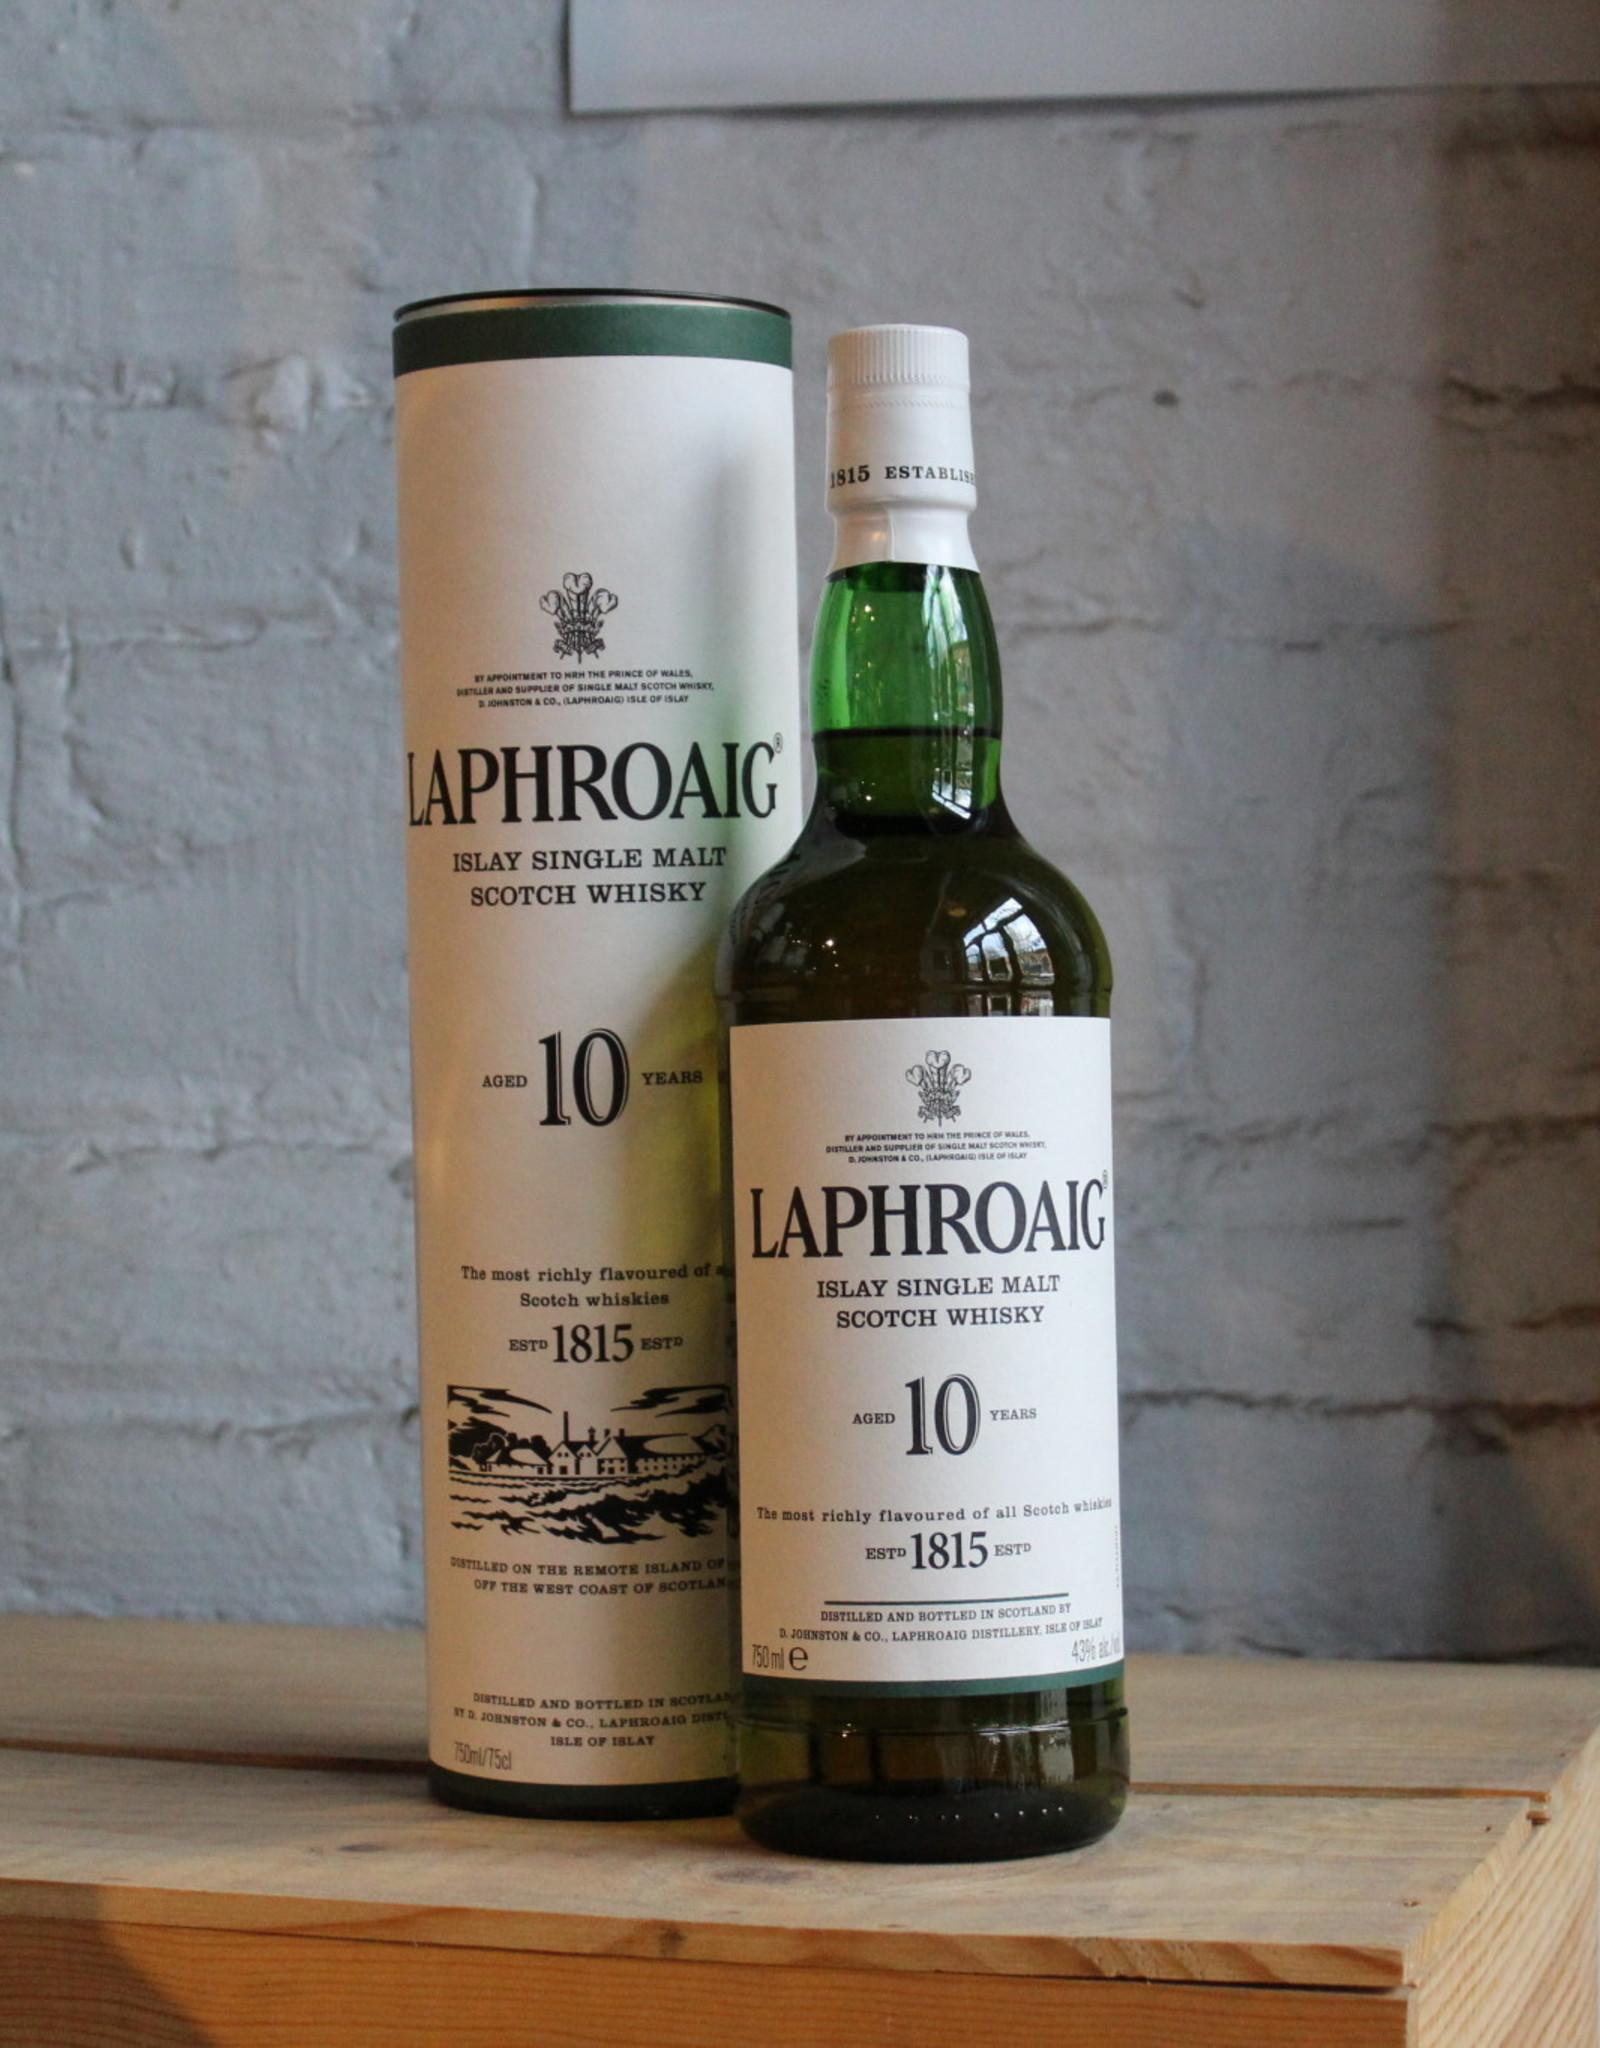 Laphroaig 10yr Single Malt Scotch Whisky - Islay, Scotland (750ml)